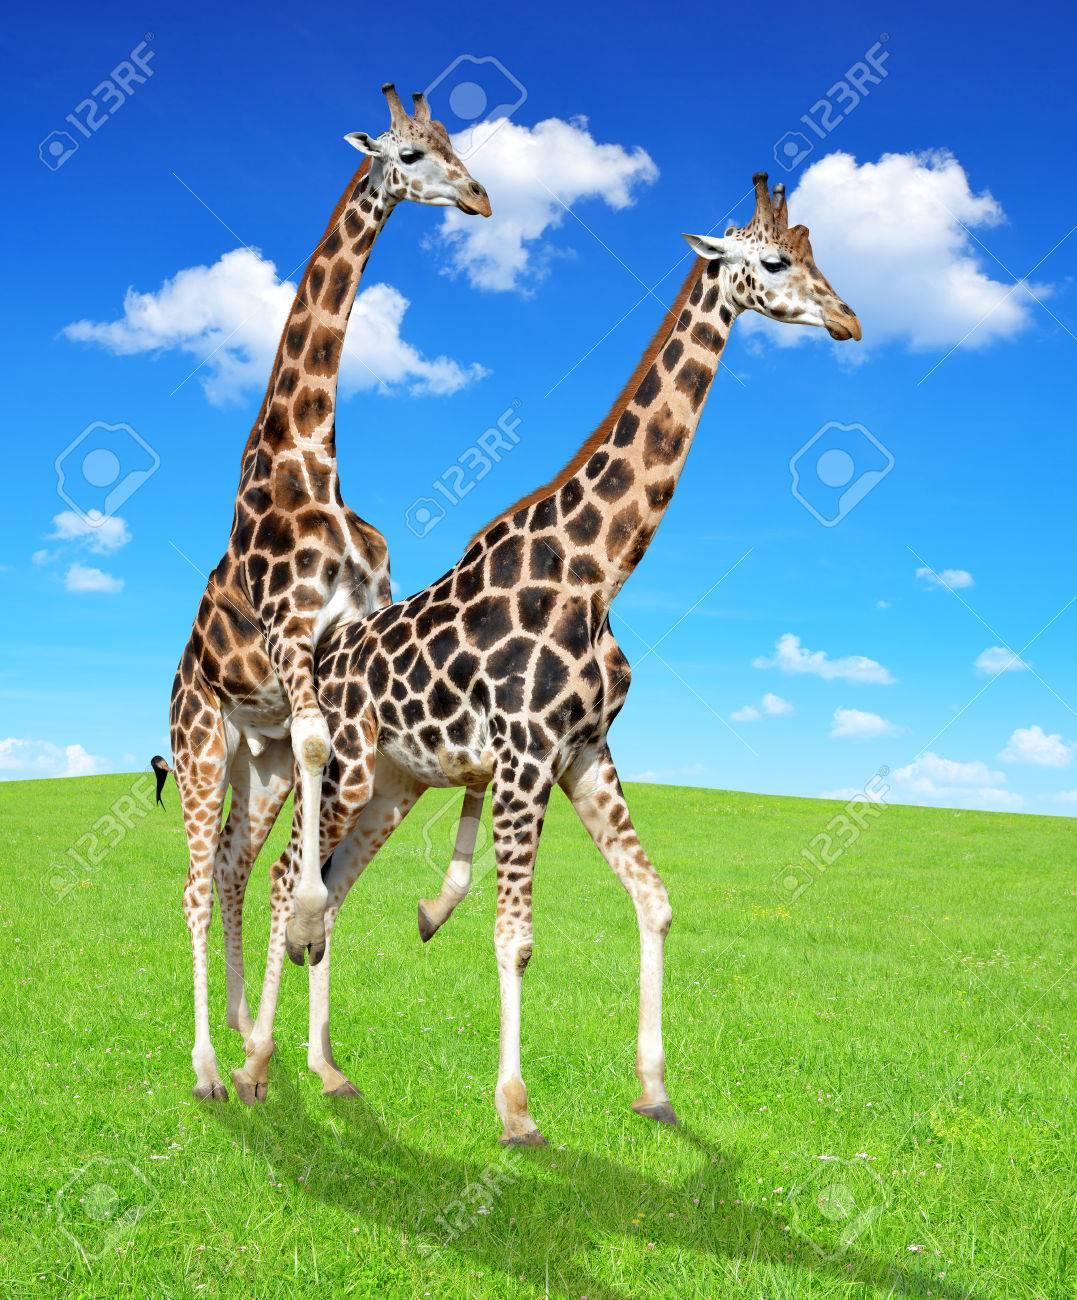 キリンの交尾 の写真素材 画像素材 Image